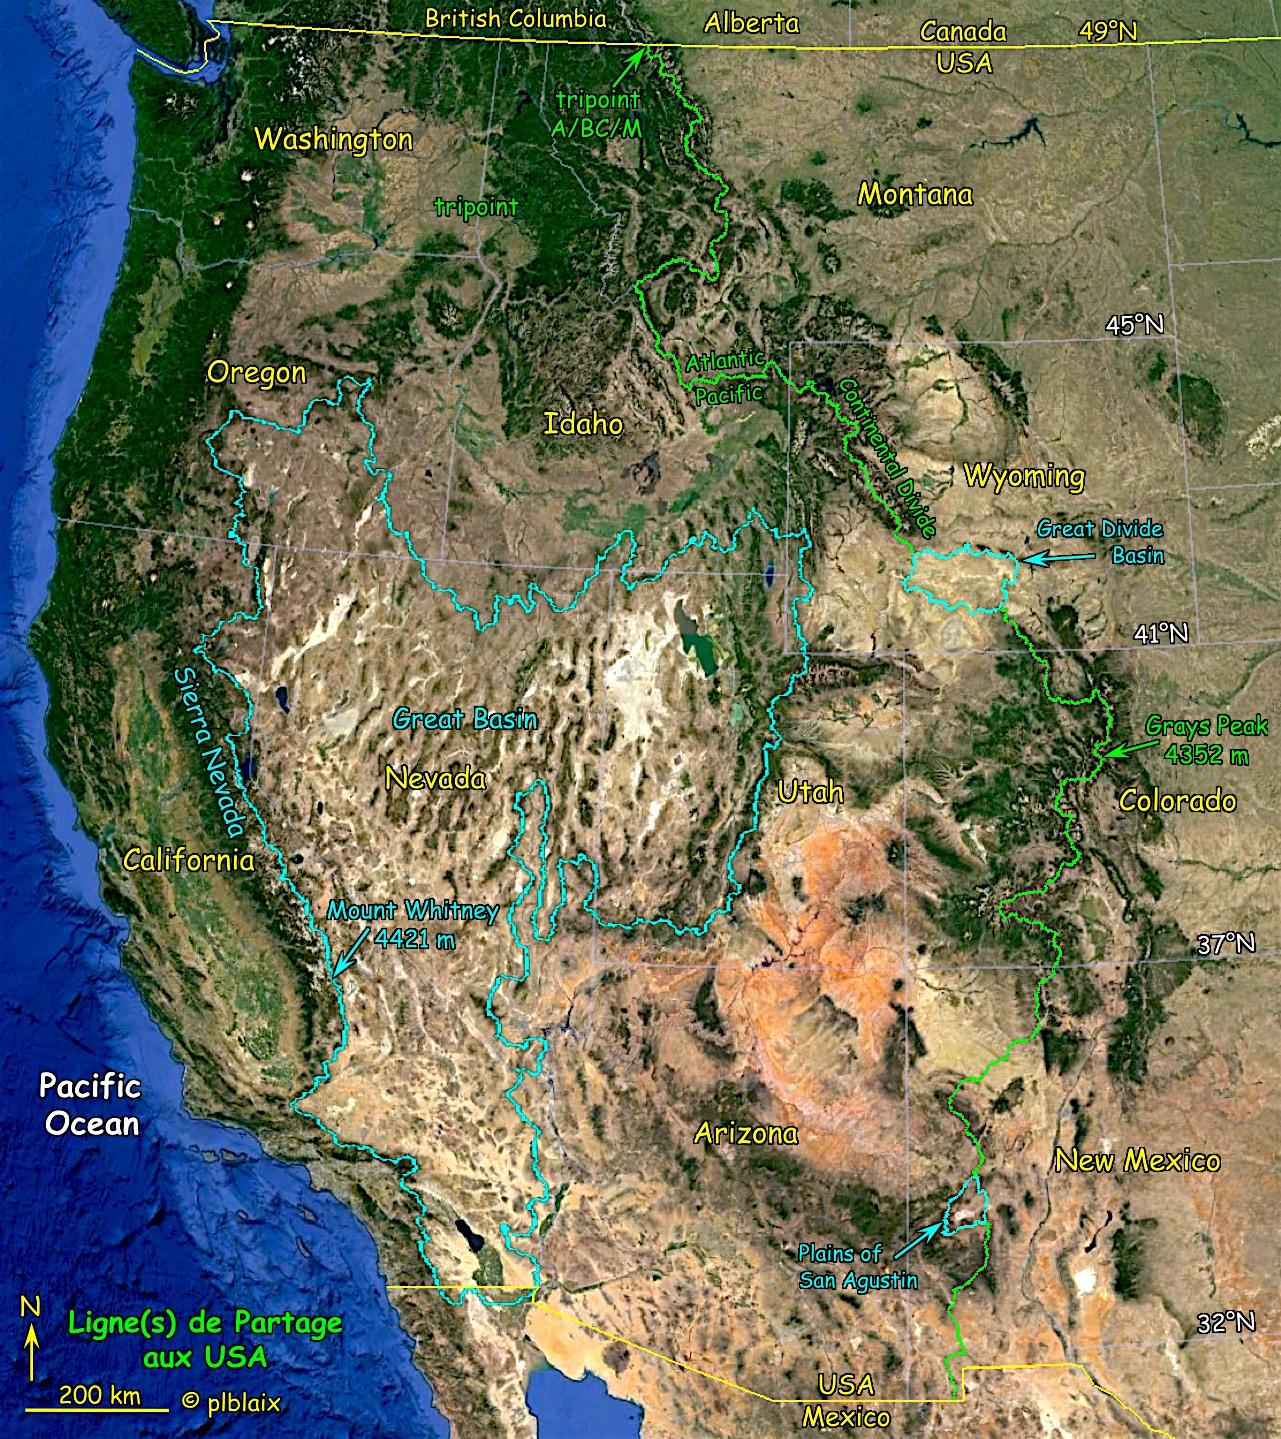 Continental Divide et bassins endoréiques des USA